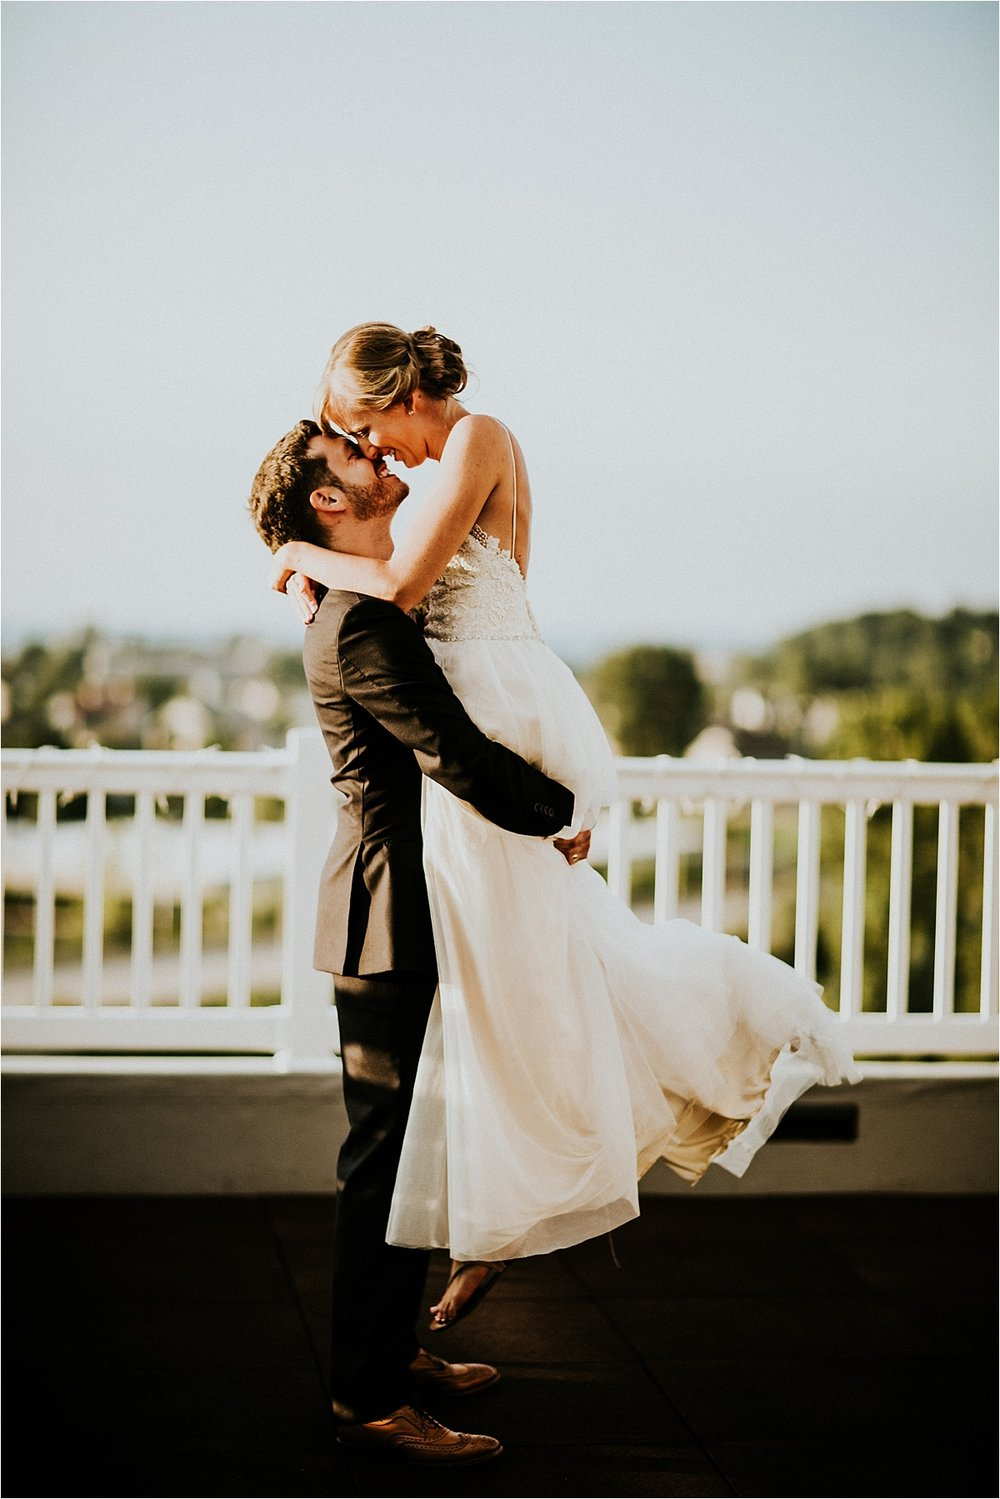 Matt + Naomi Michigan Wedding_0326.jpg